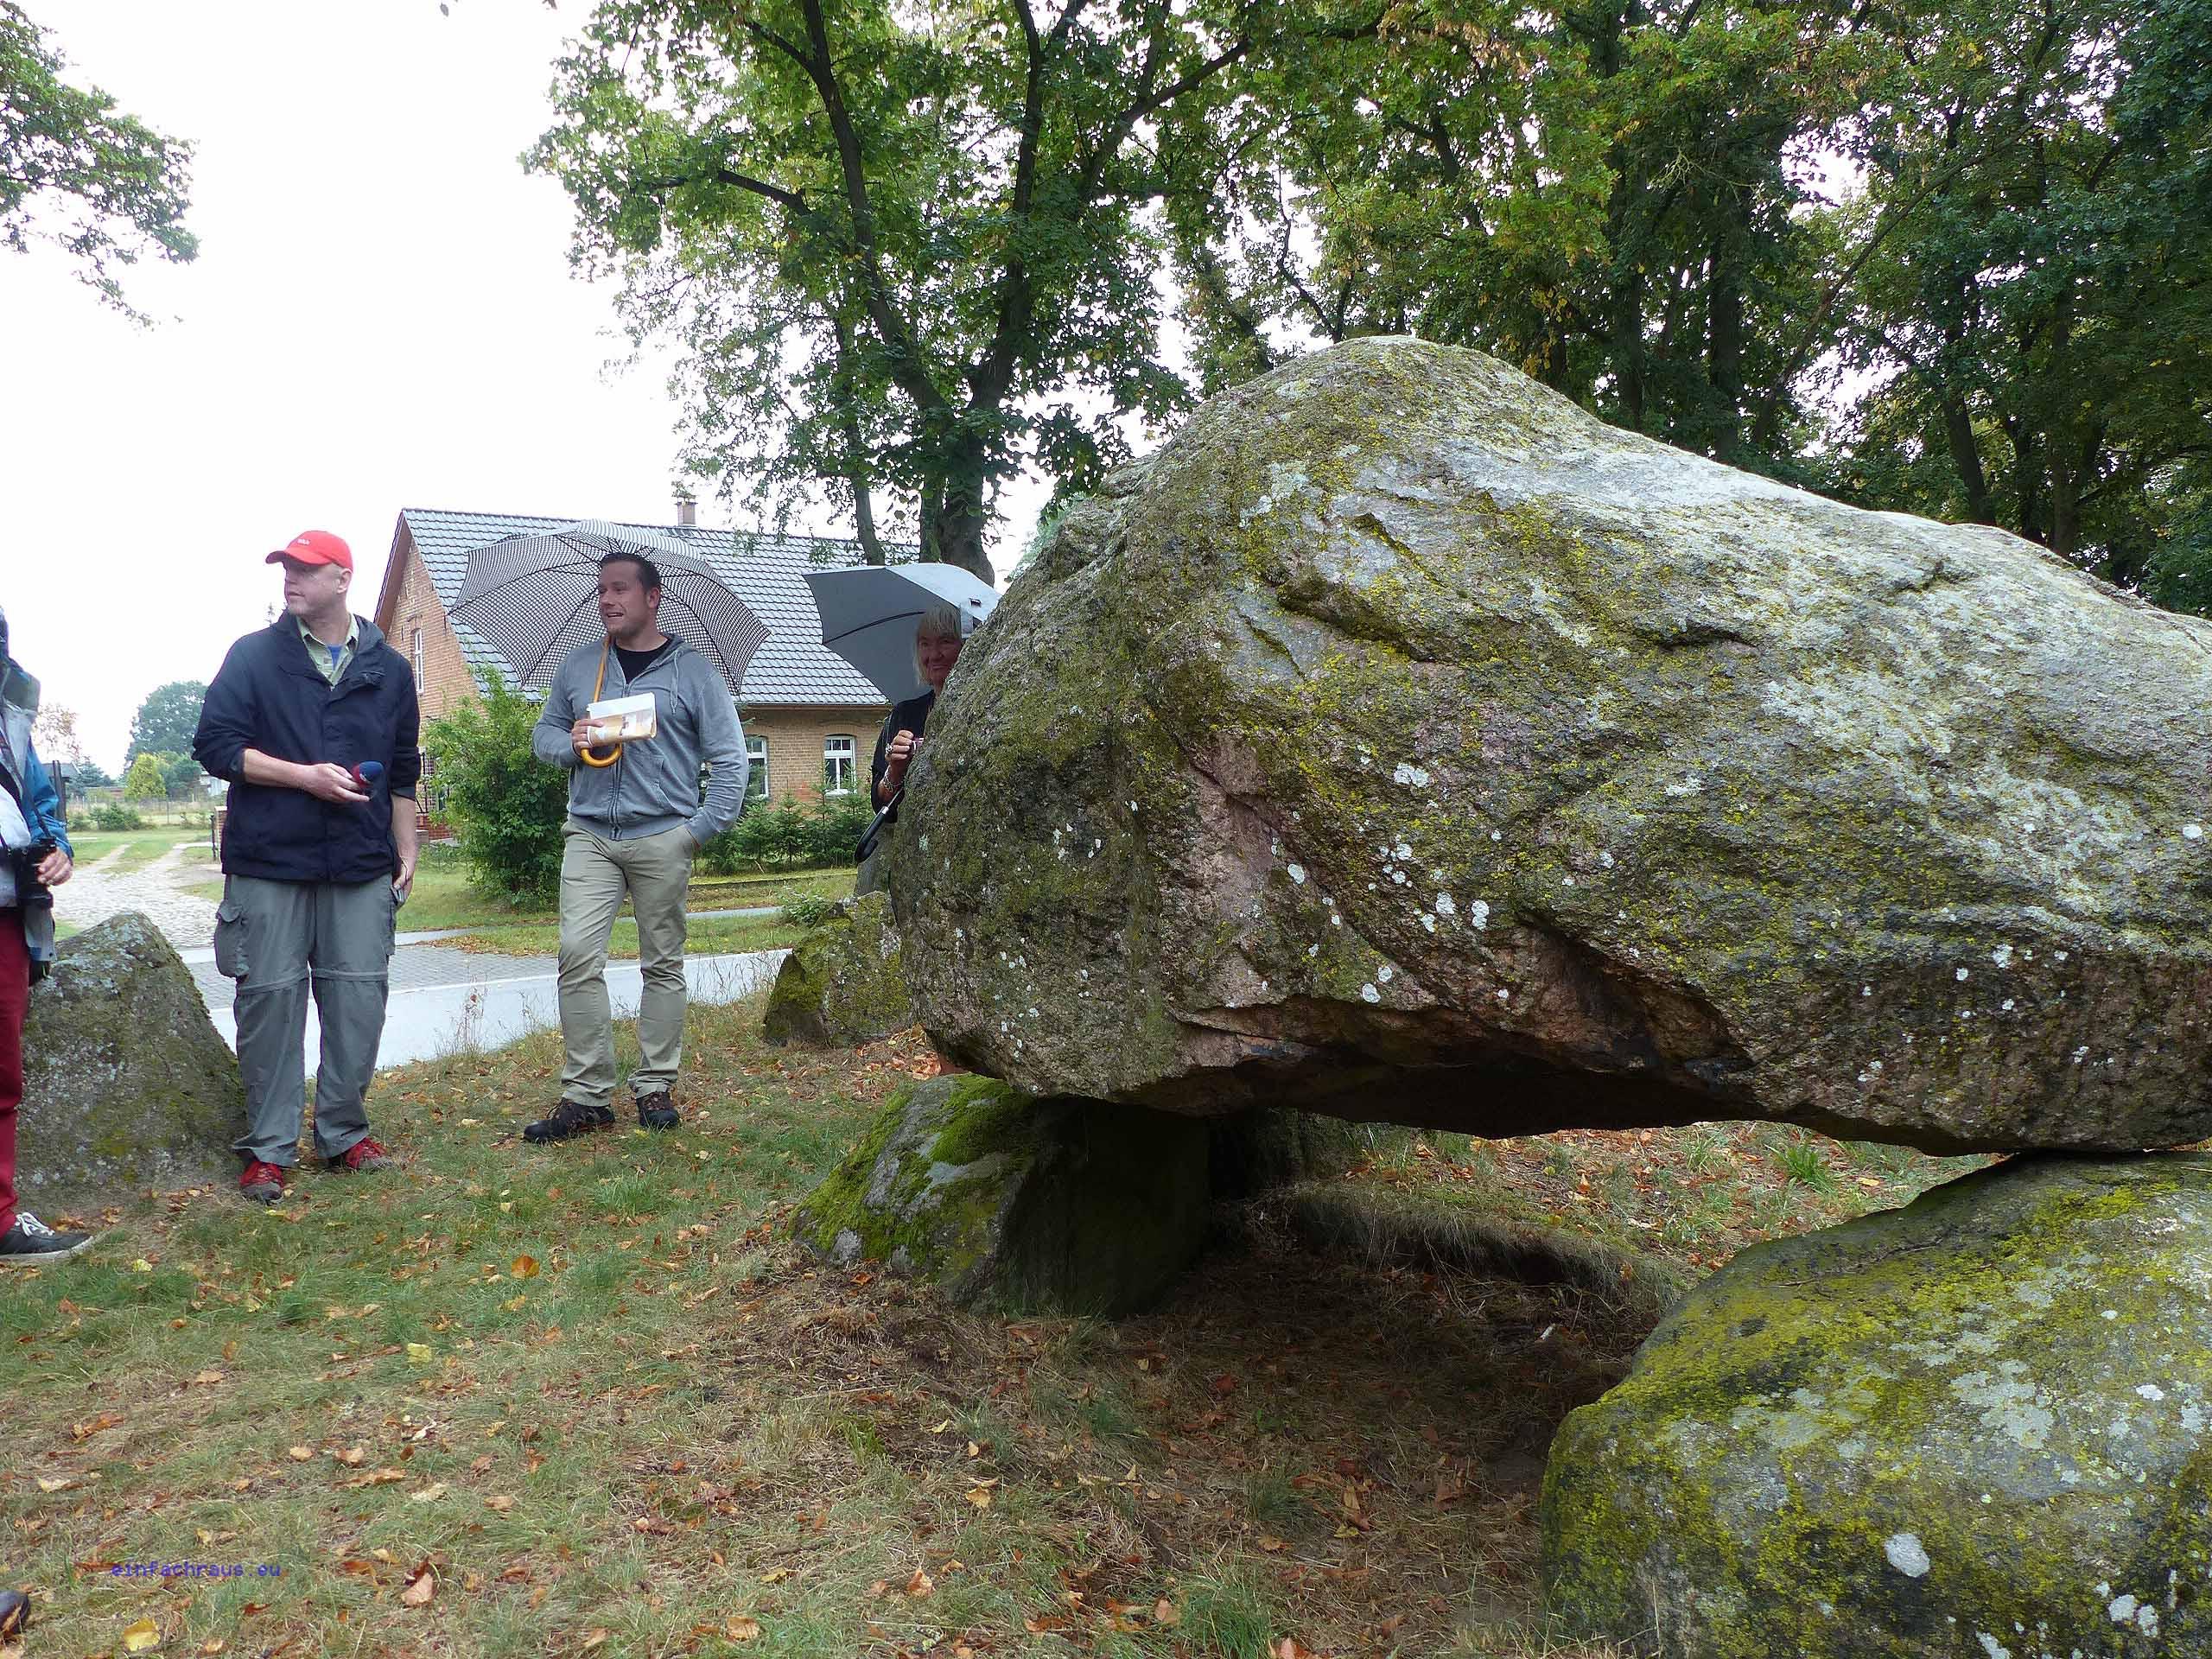 Das imposante Hünengrab von Mellen zeugt von einer weit verbreiteten Bestattungskultur der Jungsteinzeit.